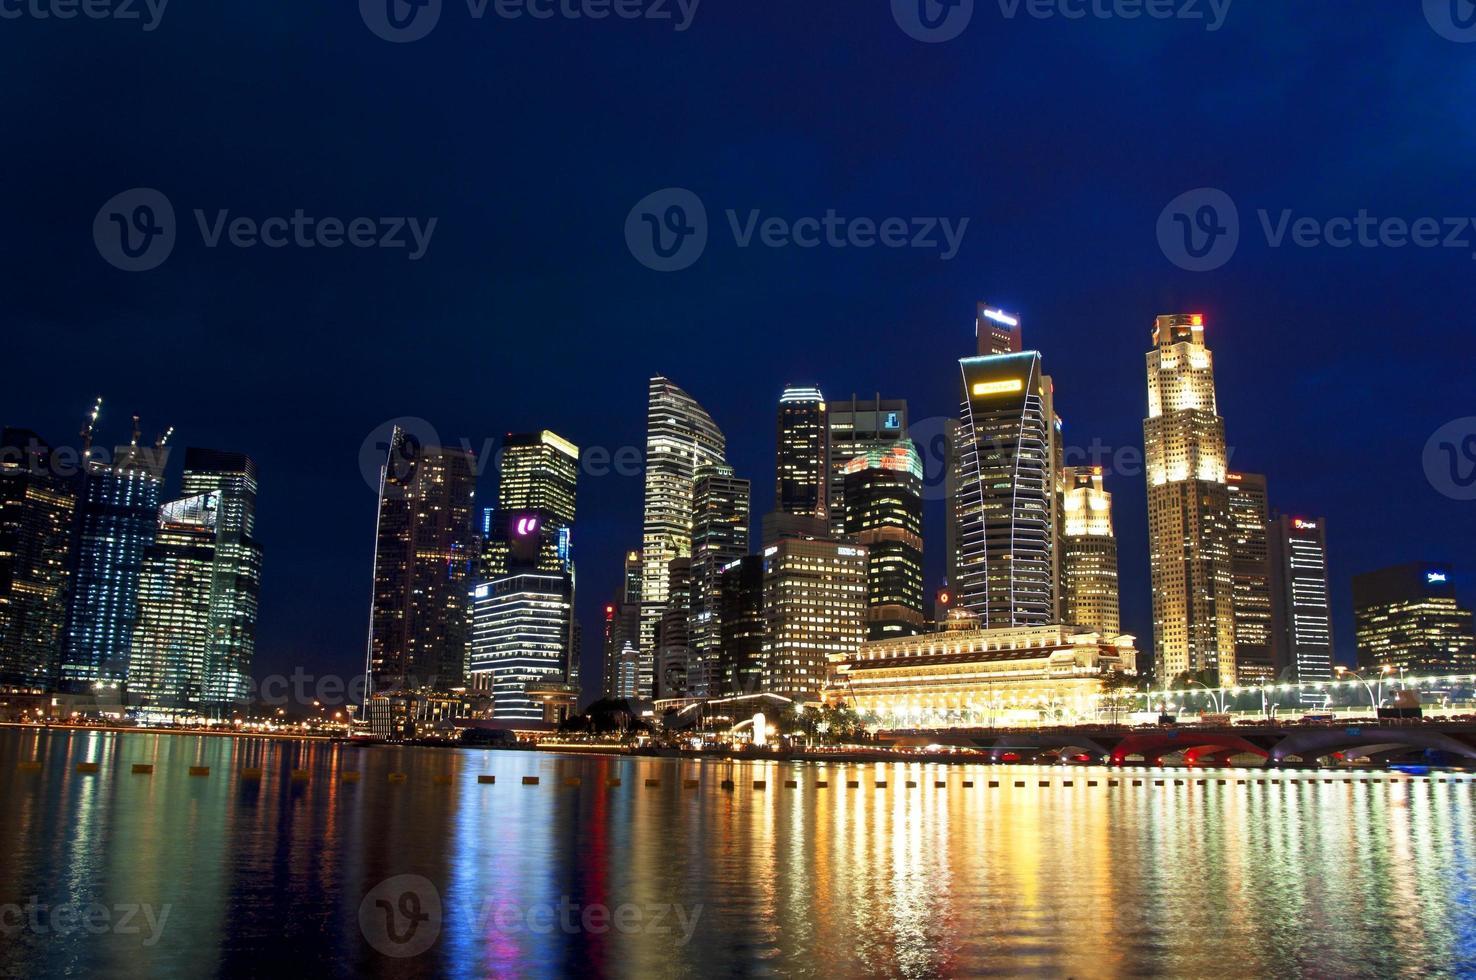 distrito central de negocios de Singapur en la noche foto